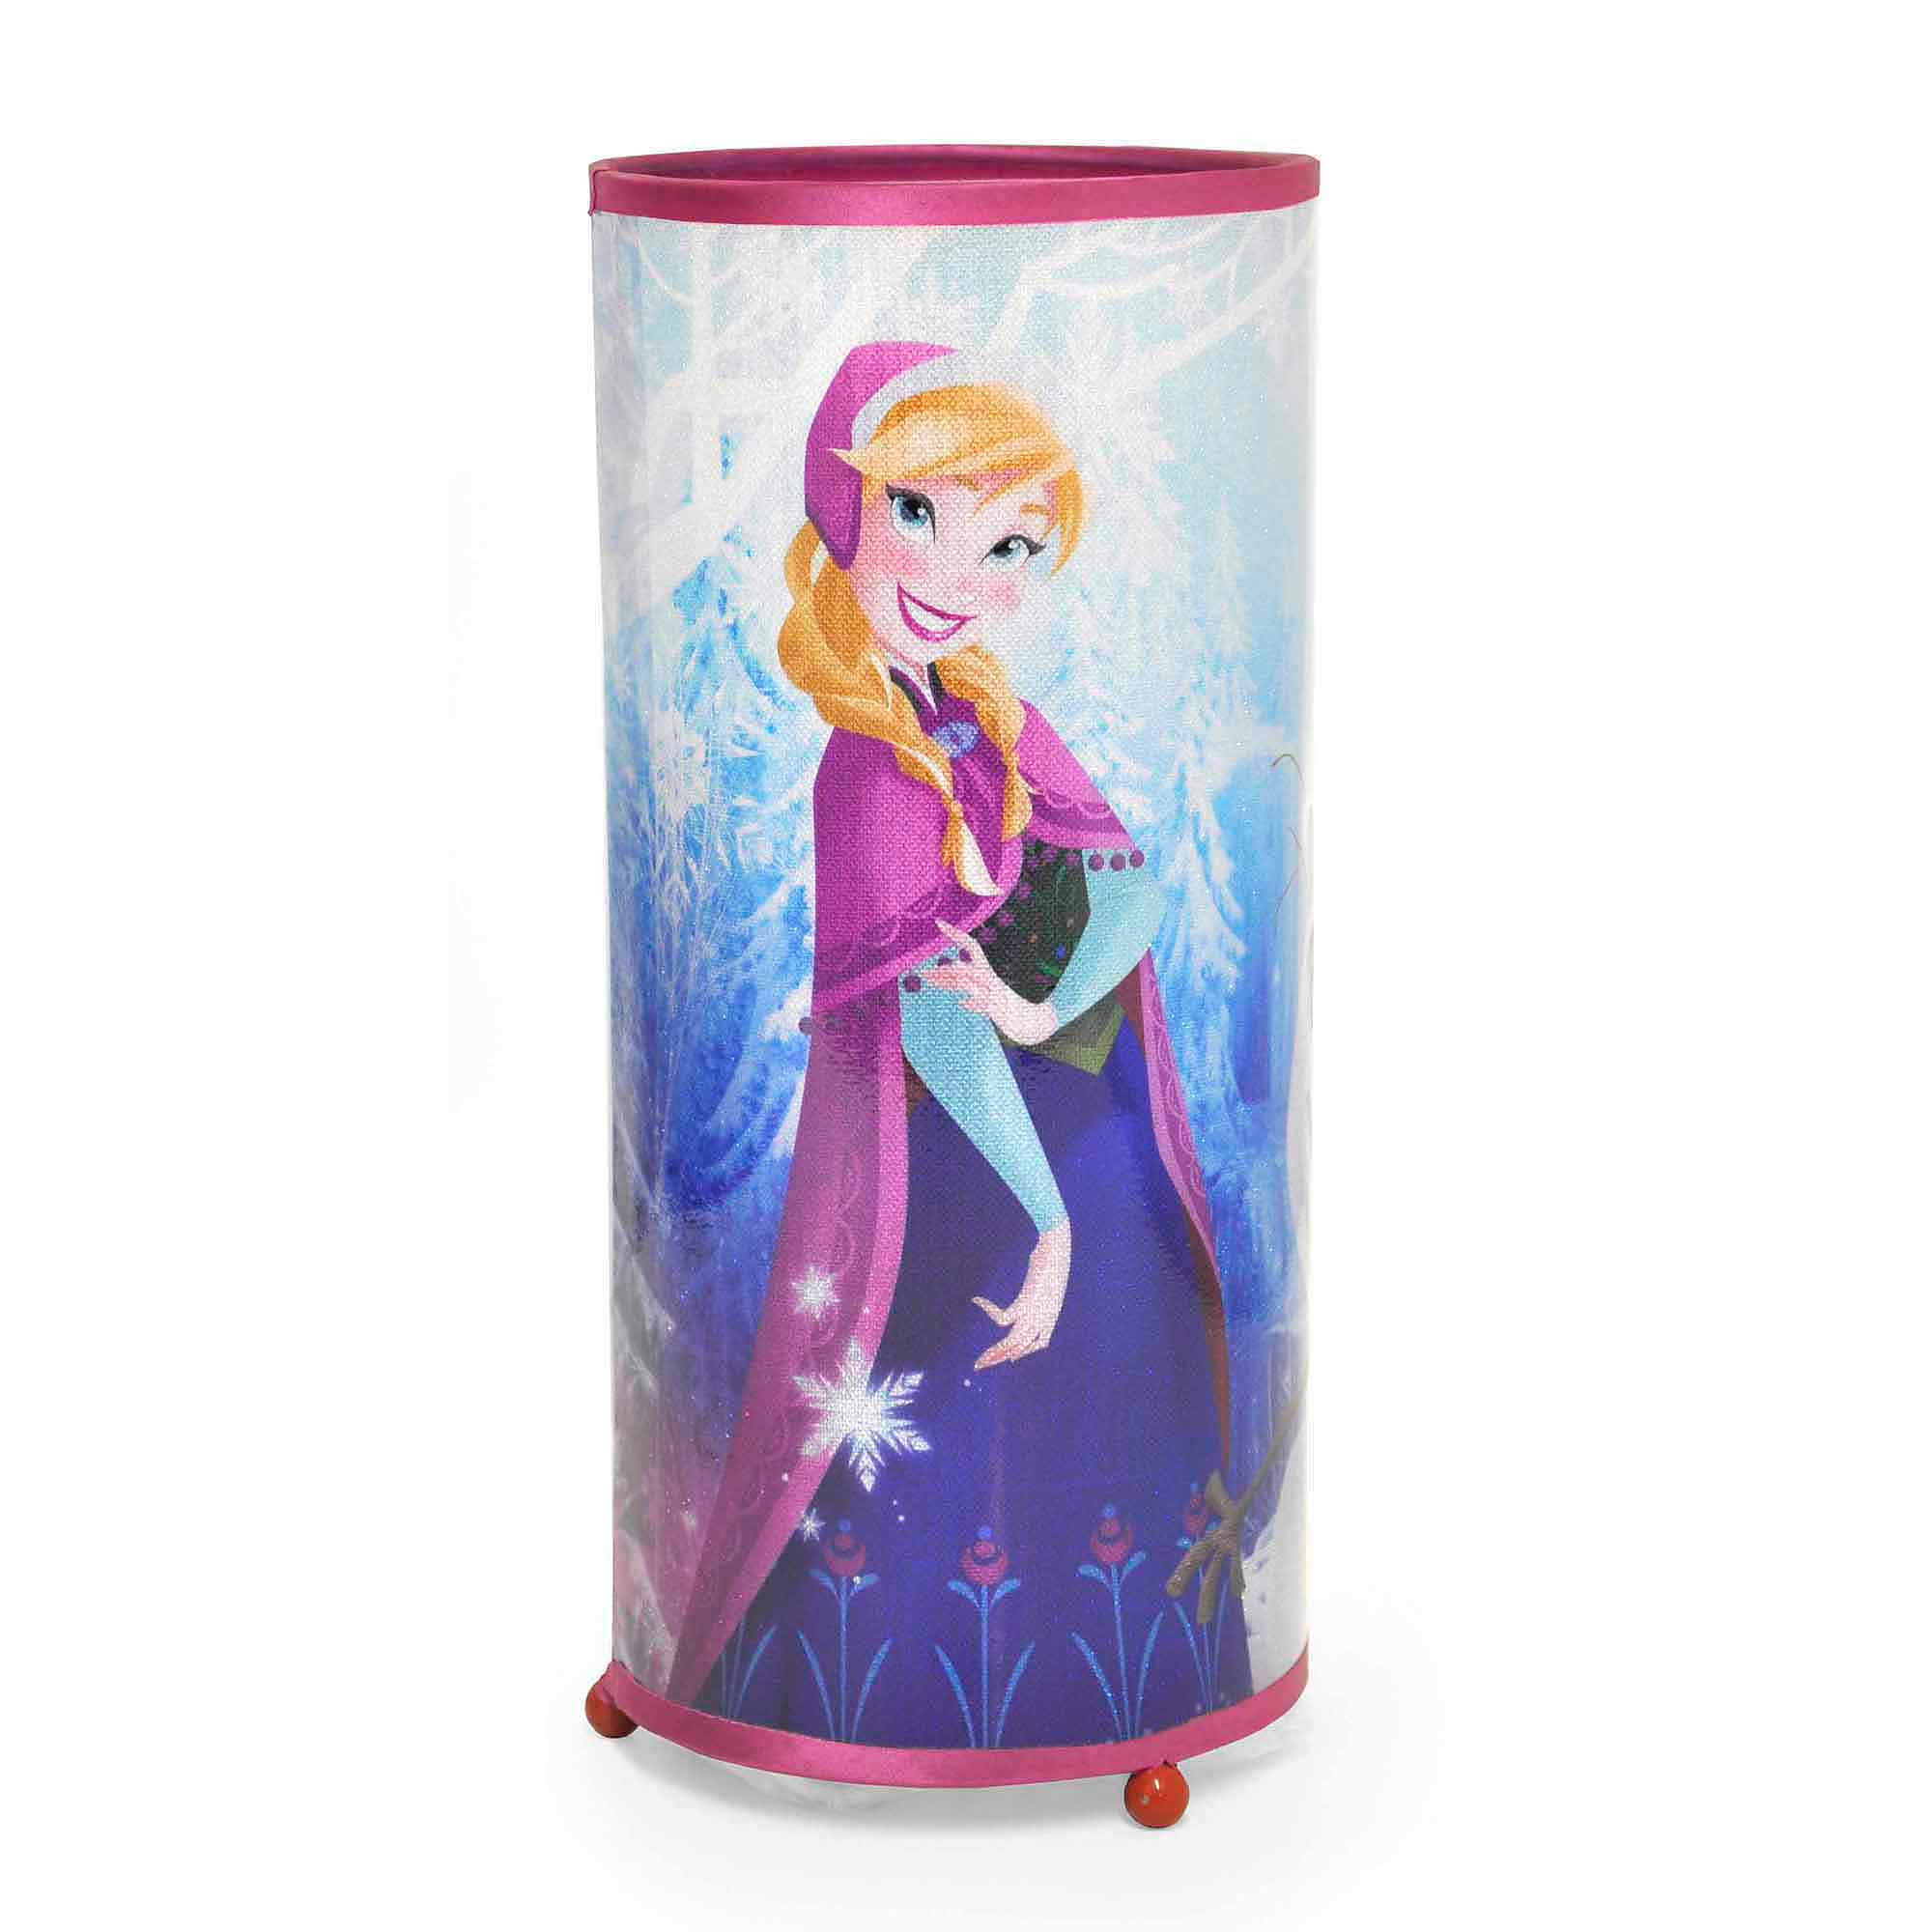 Disney Frozen Anna And Elsa Cylinder Glitter Lamp   Walmart.com